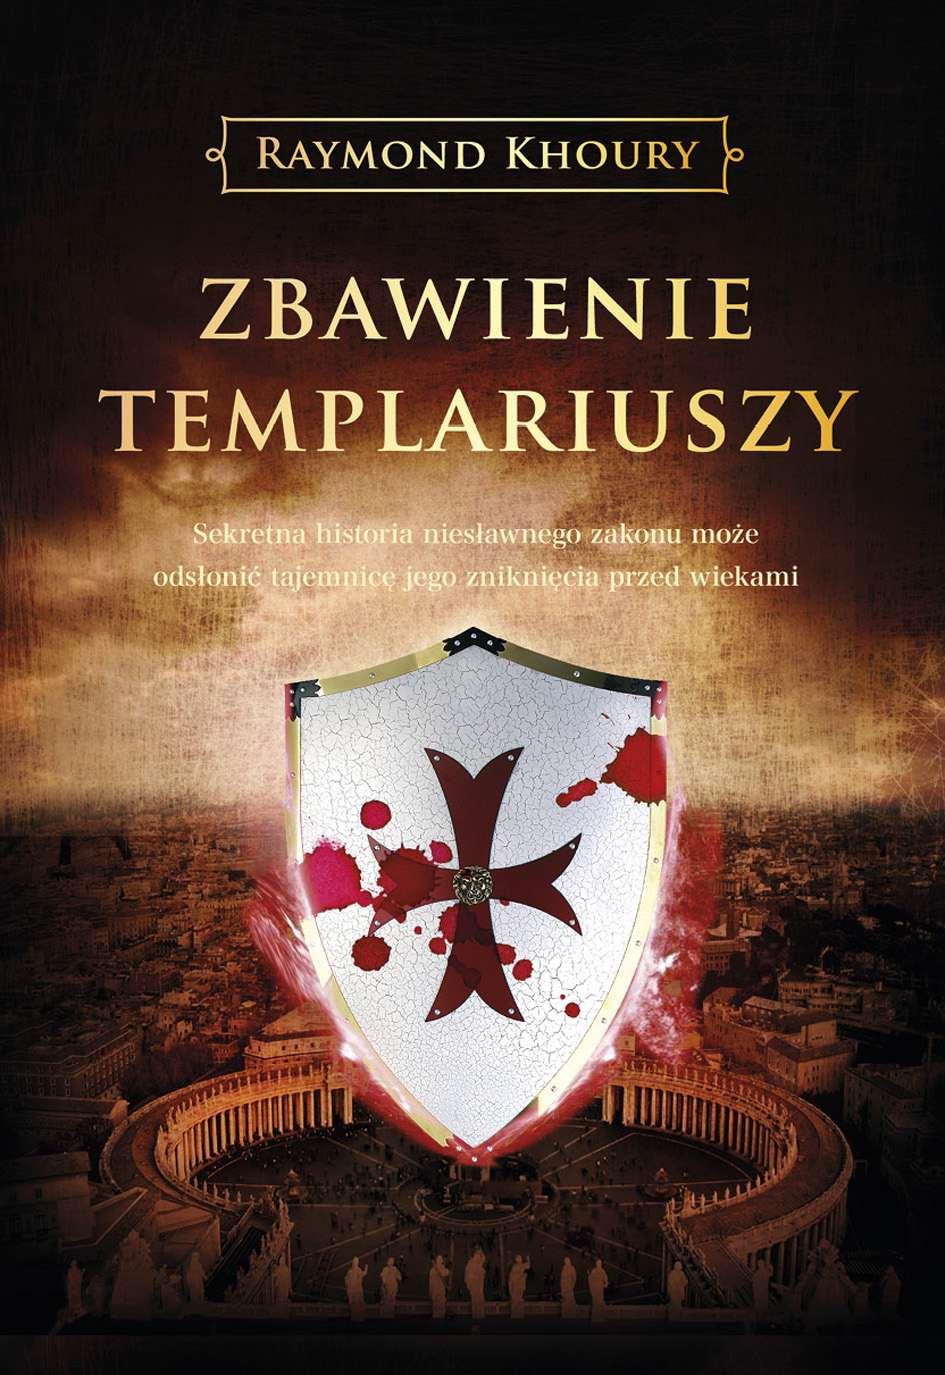 Zbawienie templariuszy - Ebook (Książka EPUB) do pobrania w formacie EPUB